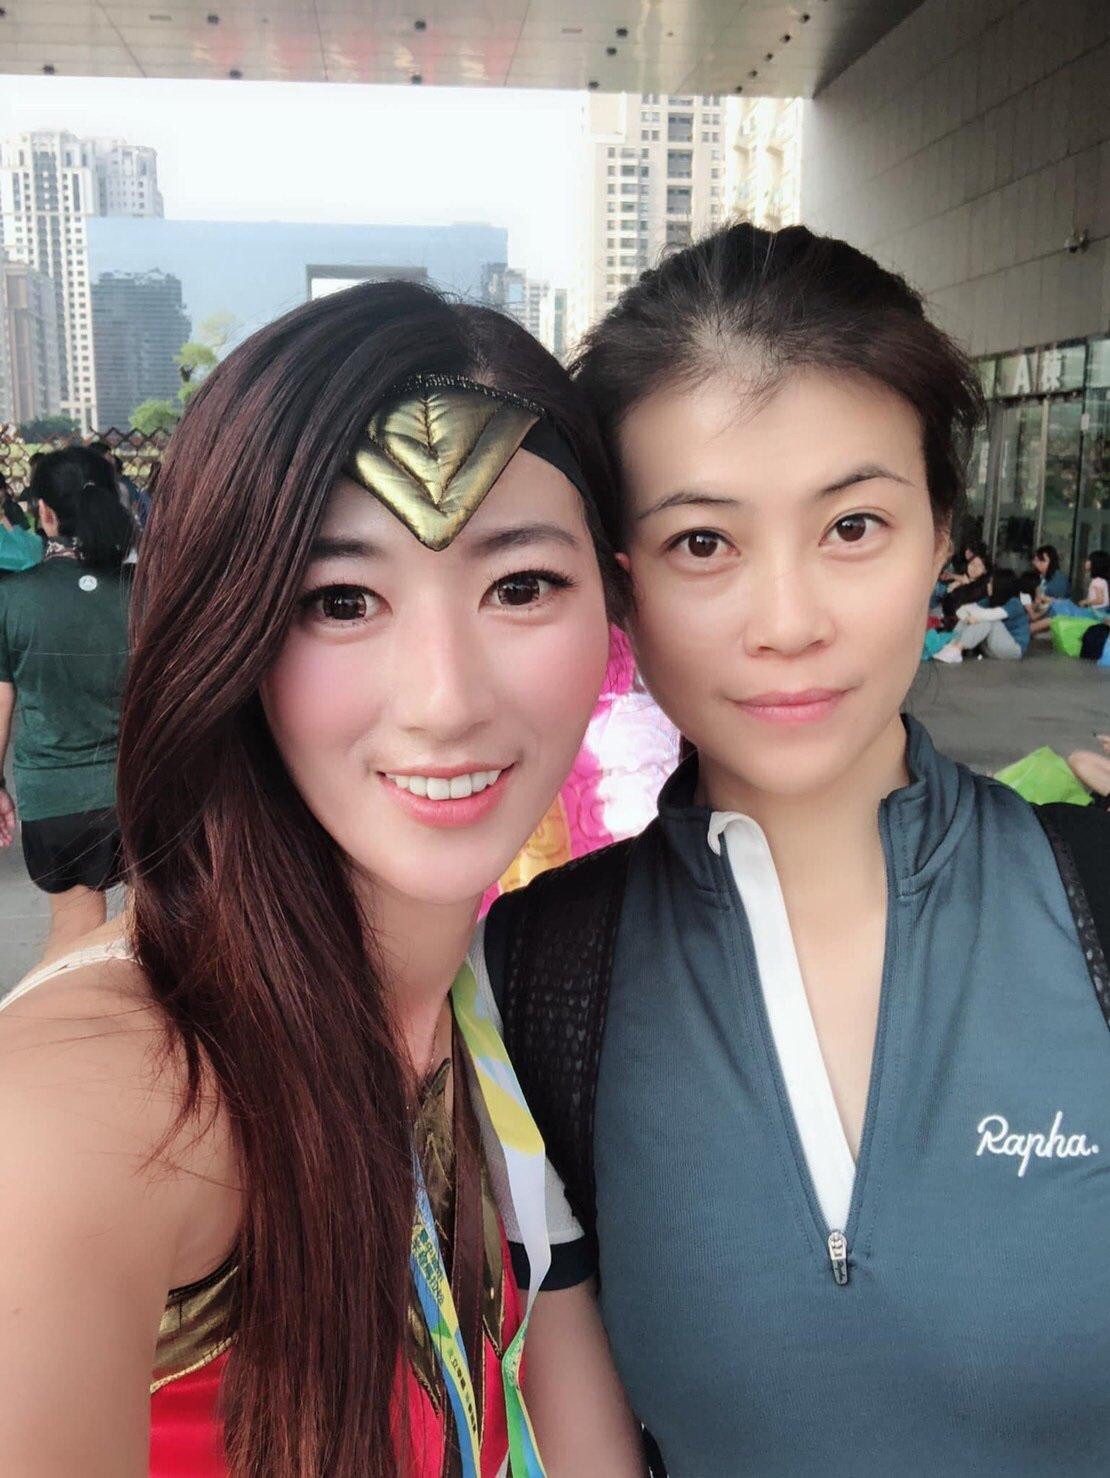 單車界神力女超人陳榆妡,熱受運動也熱心公益。圖/陳榆妡提供